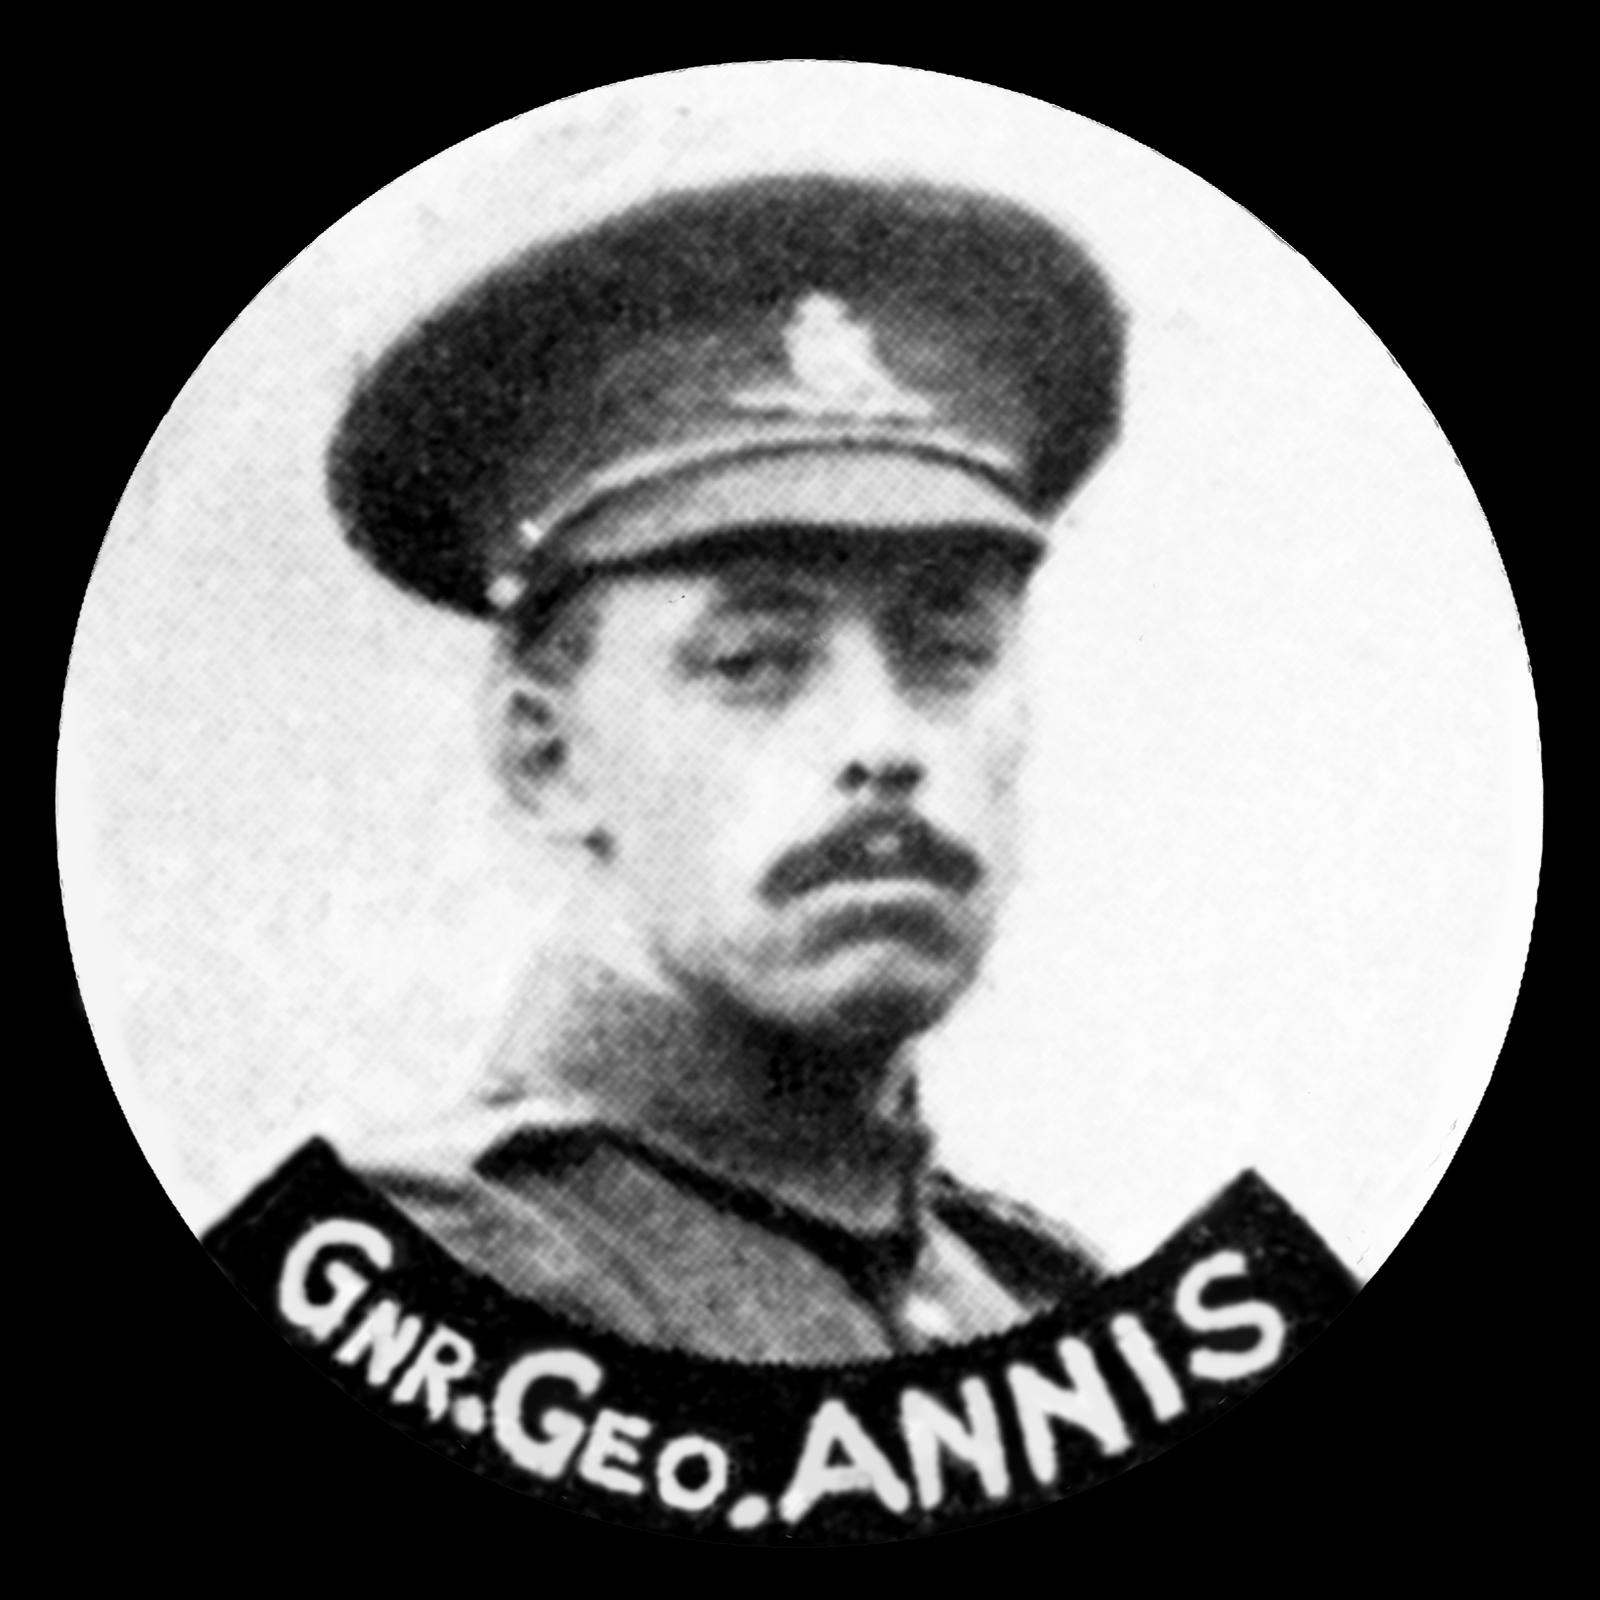 ANNIS George